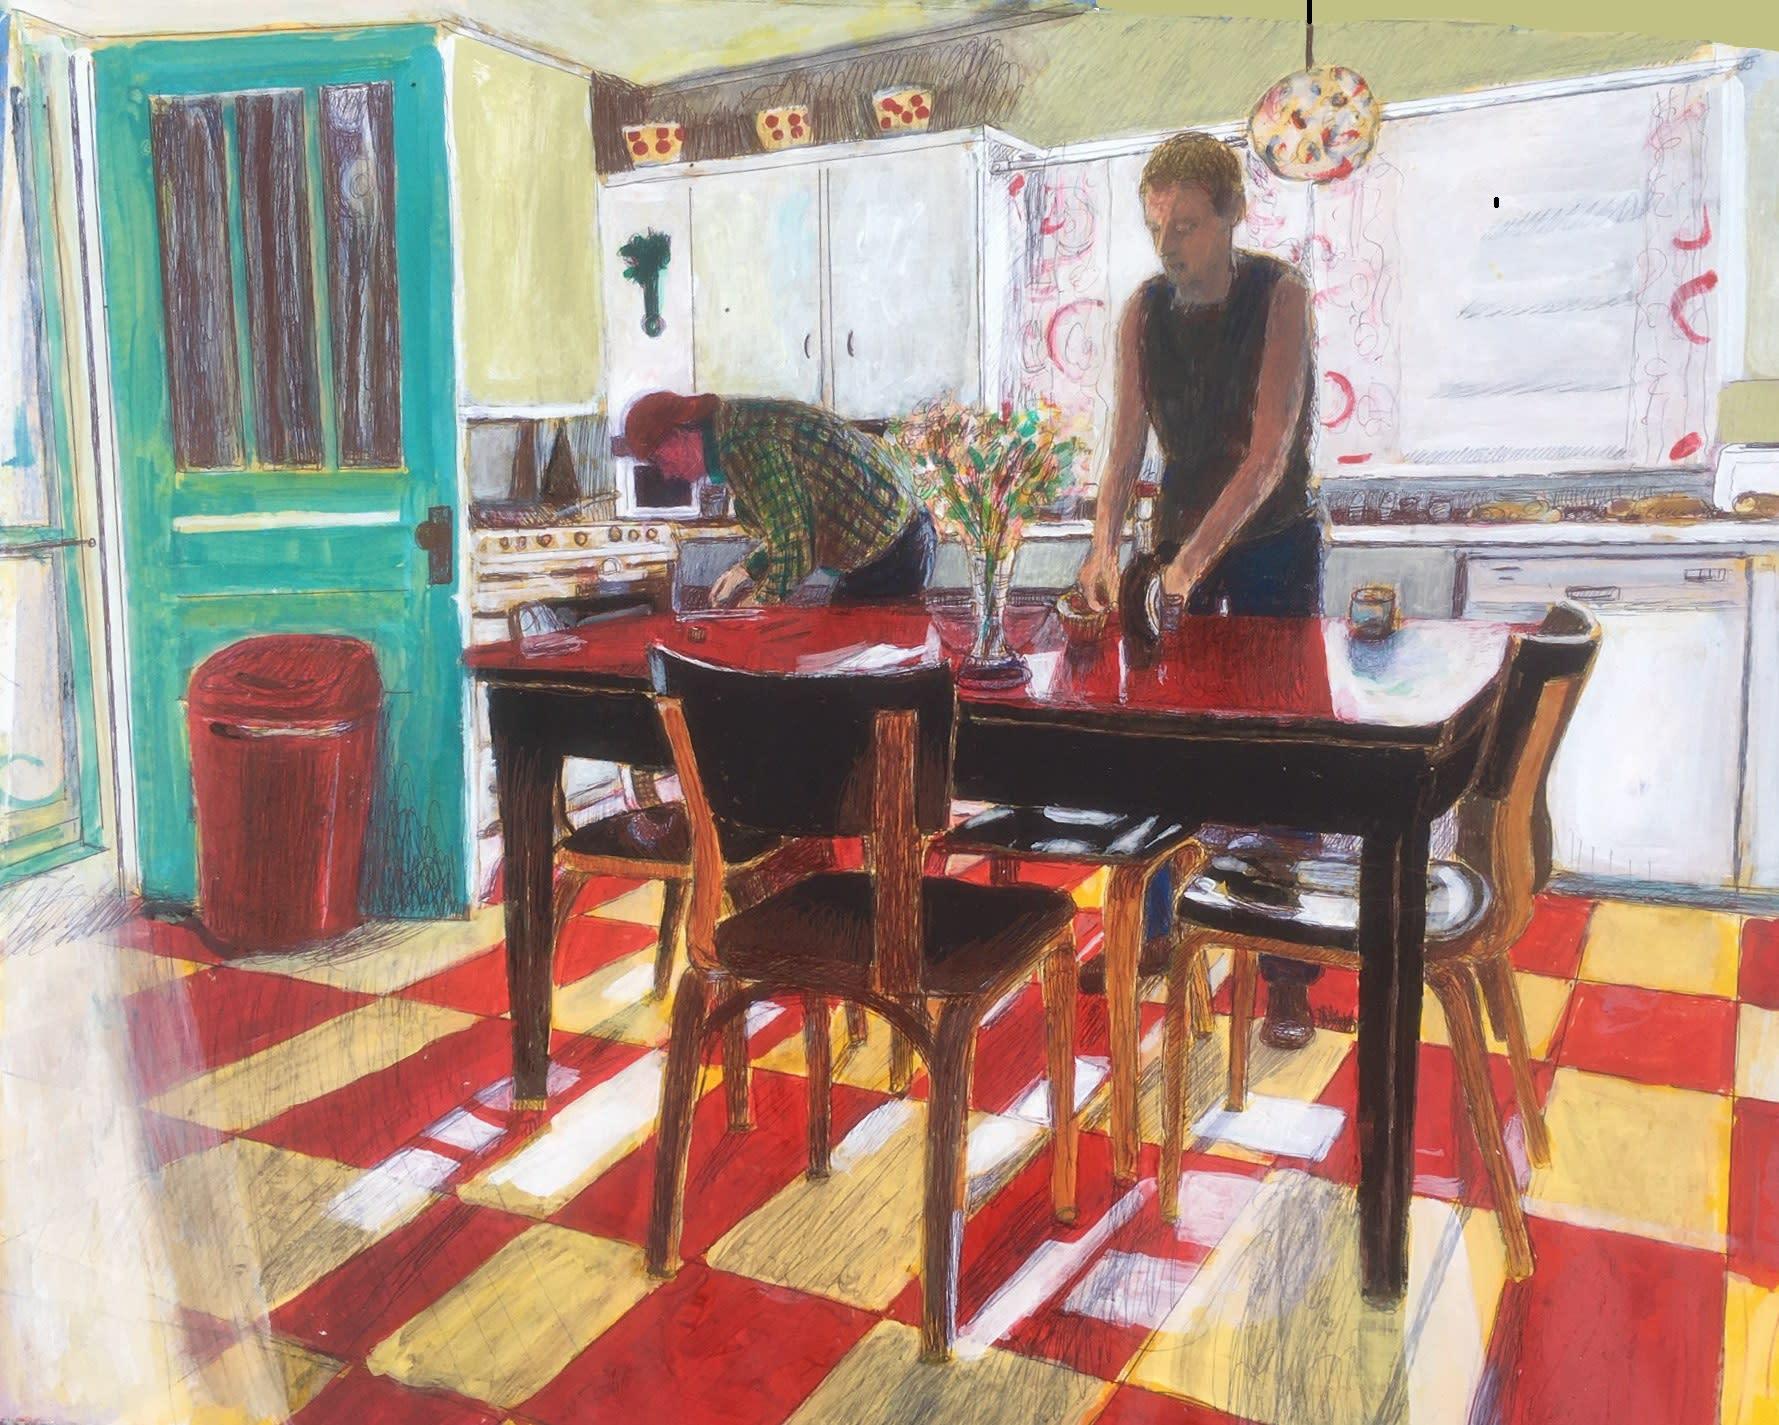 Kobrienkitchen26x21acylicprismacolorinkonpaper 1600 gktbhp